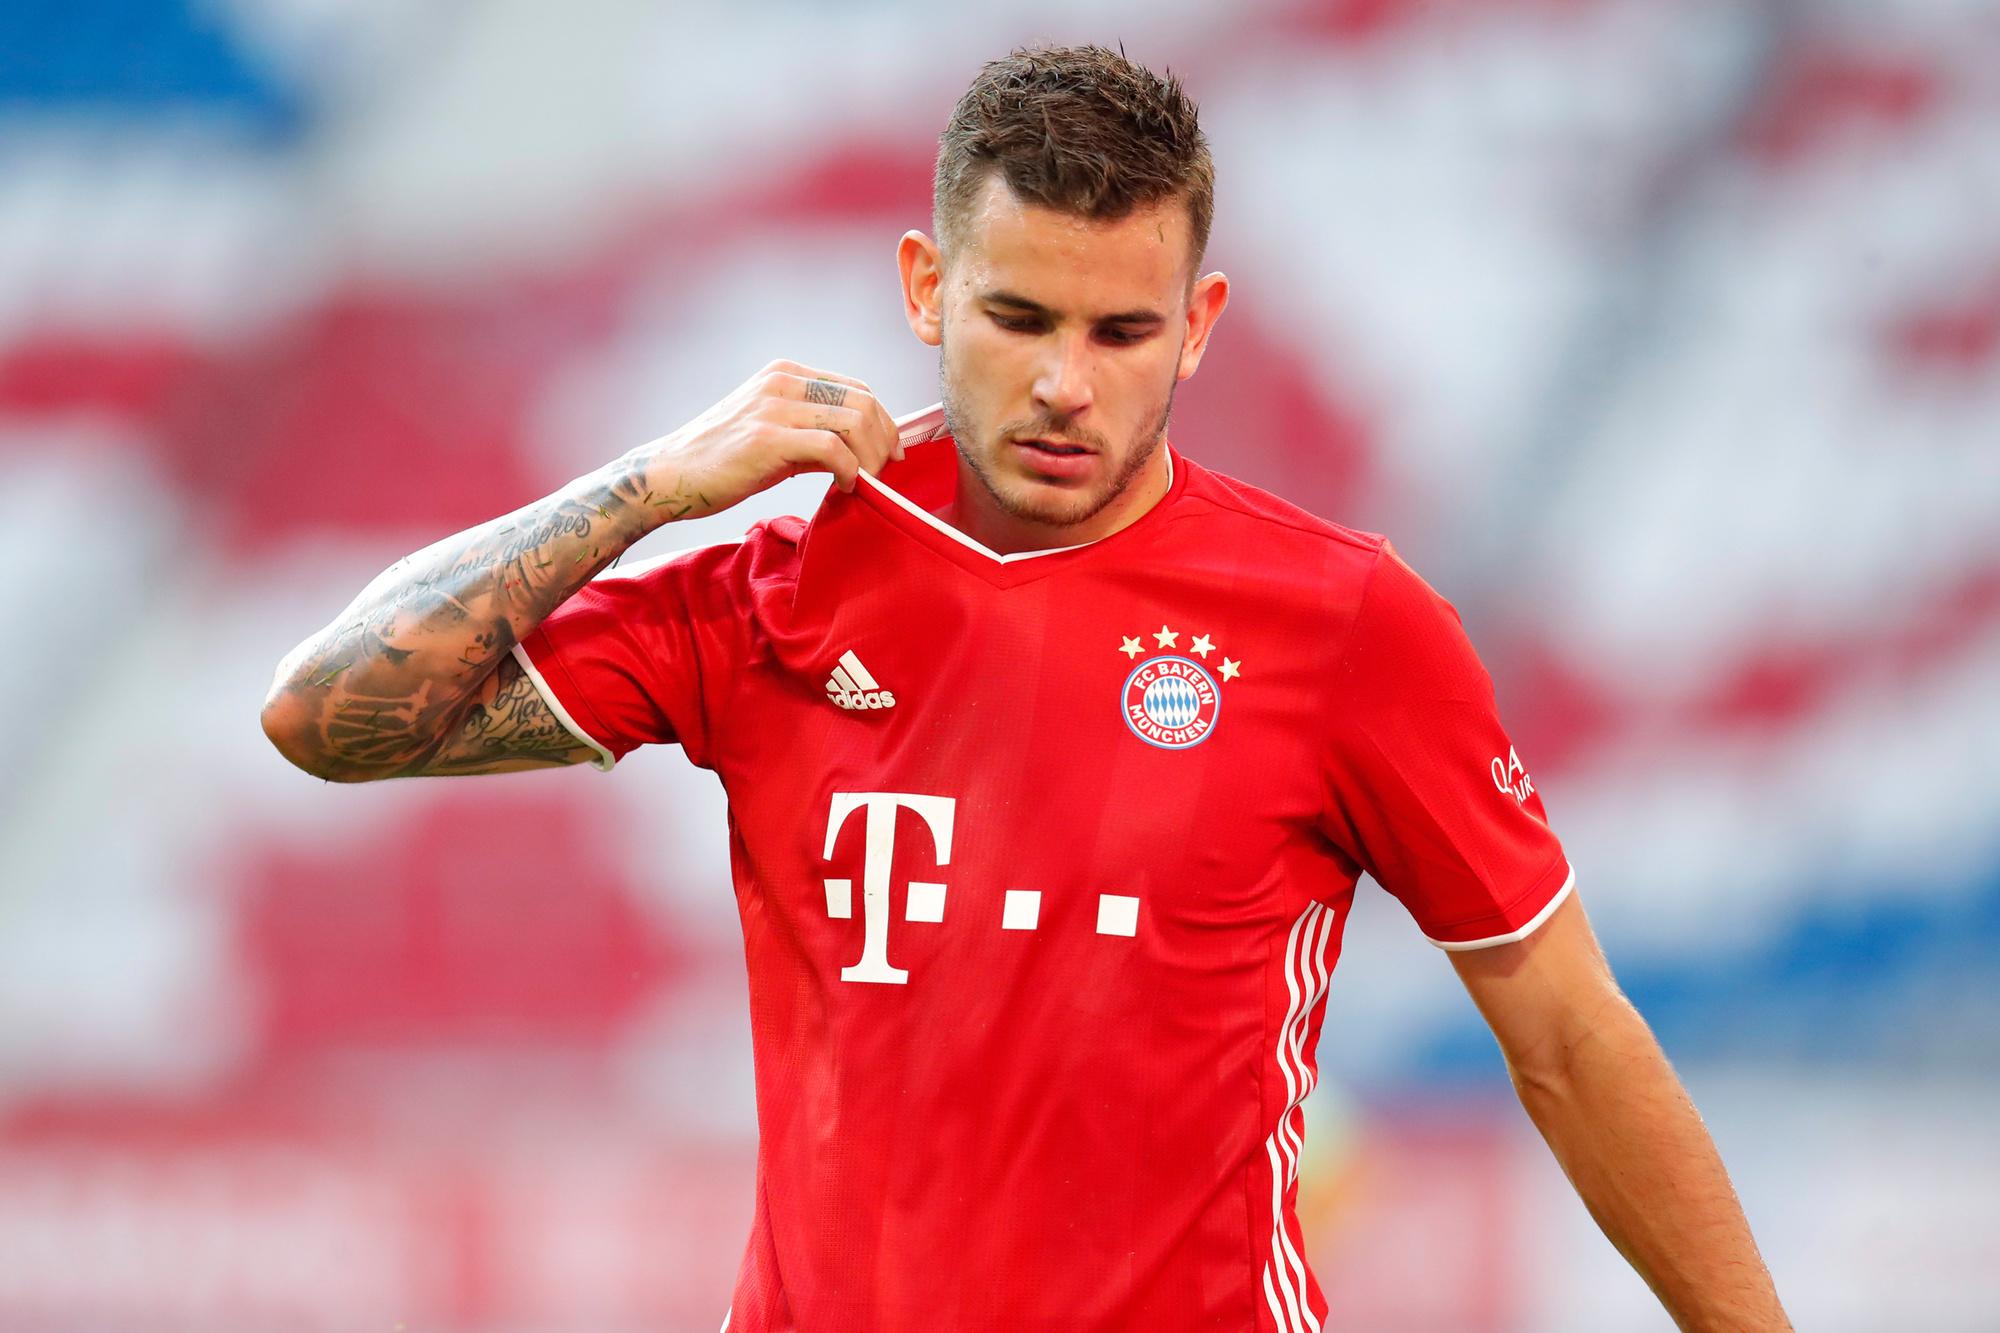 Hopelijk kan Hernández zich volgend jaar meer laten zien, want 80 miljoen is heel erg veel geld voor Bayern, GETTY